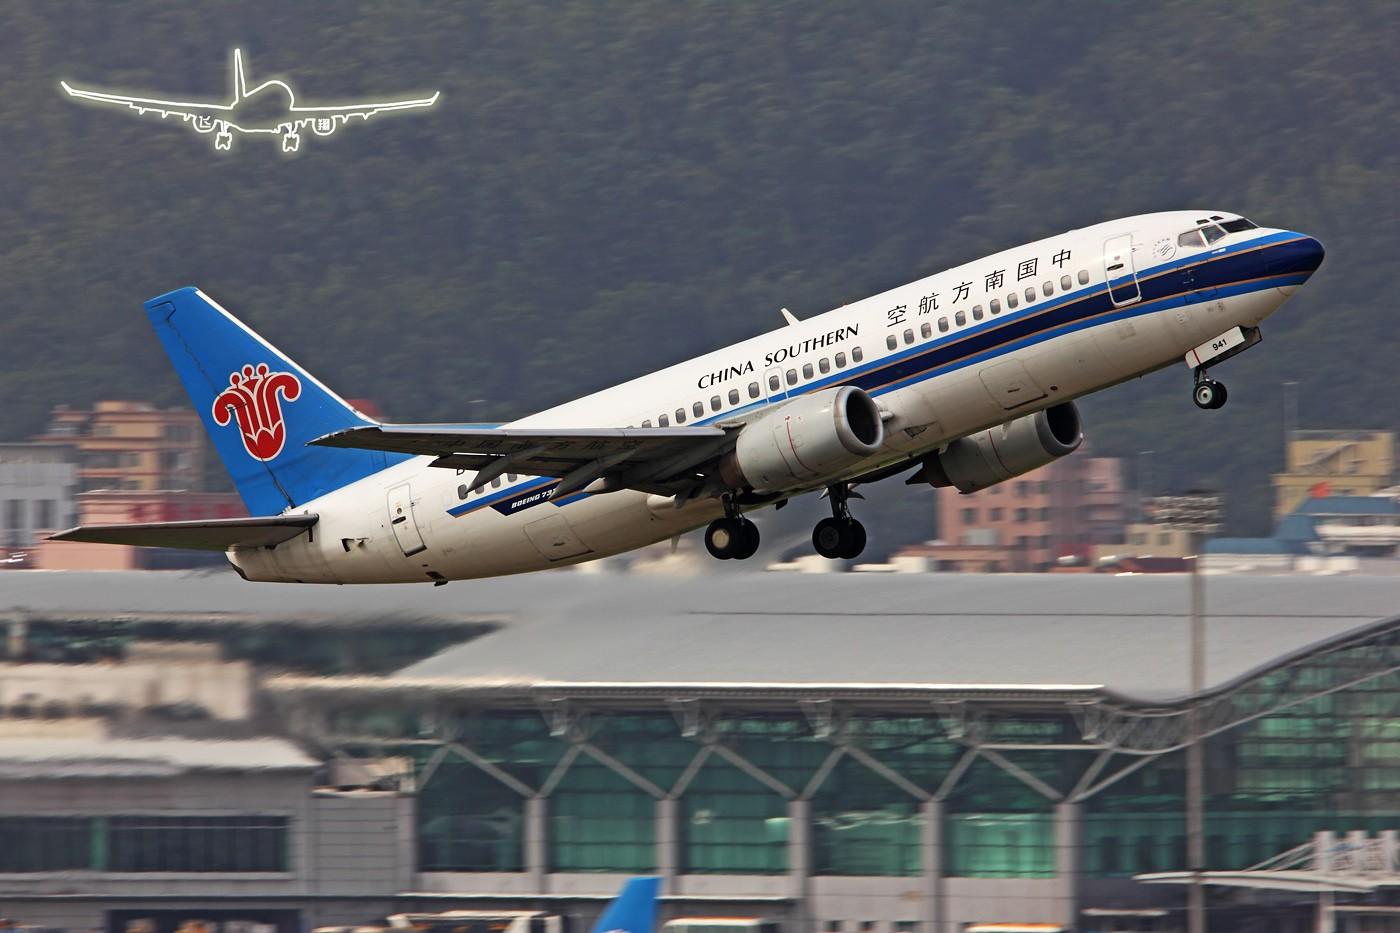 Re:[原创]★ ★ ★ ★ ★  许久没有拍动感了,希望感觉还在,支持还在   ★ ★ ★ ★ ★ BOEING 737-300 B-2941 中国深圳宝安机场